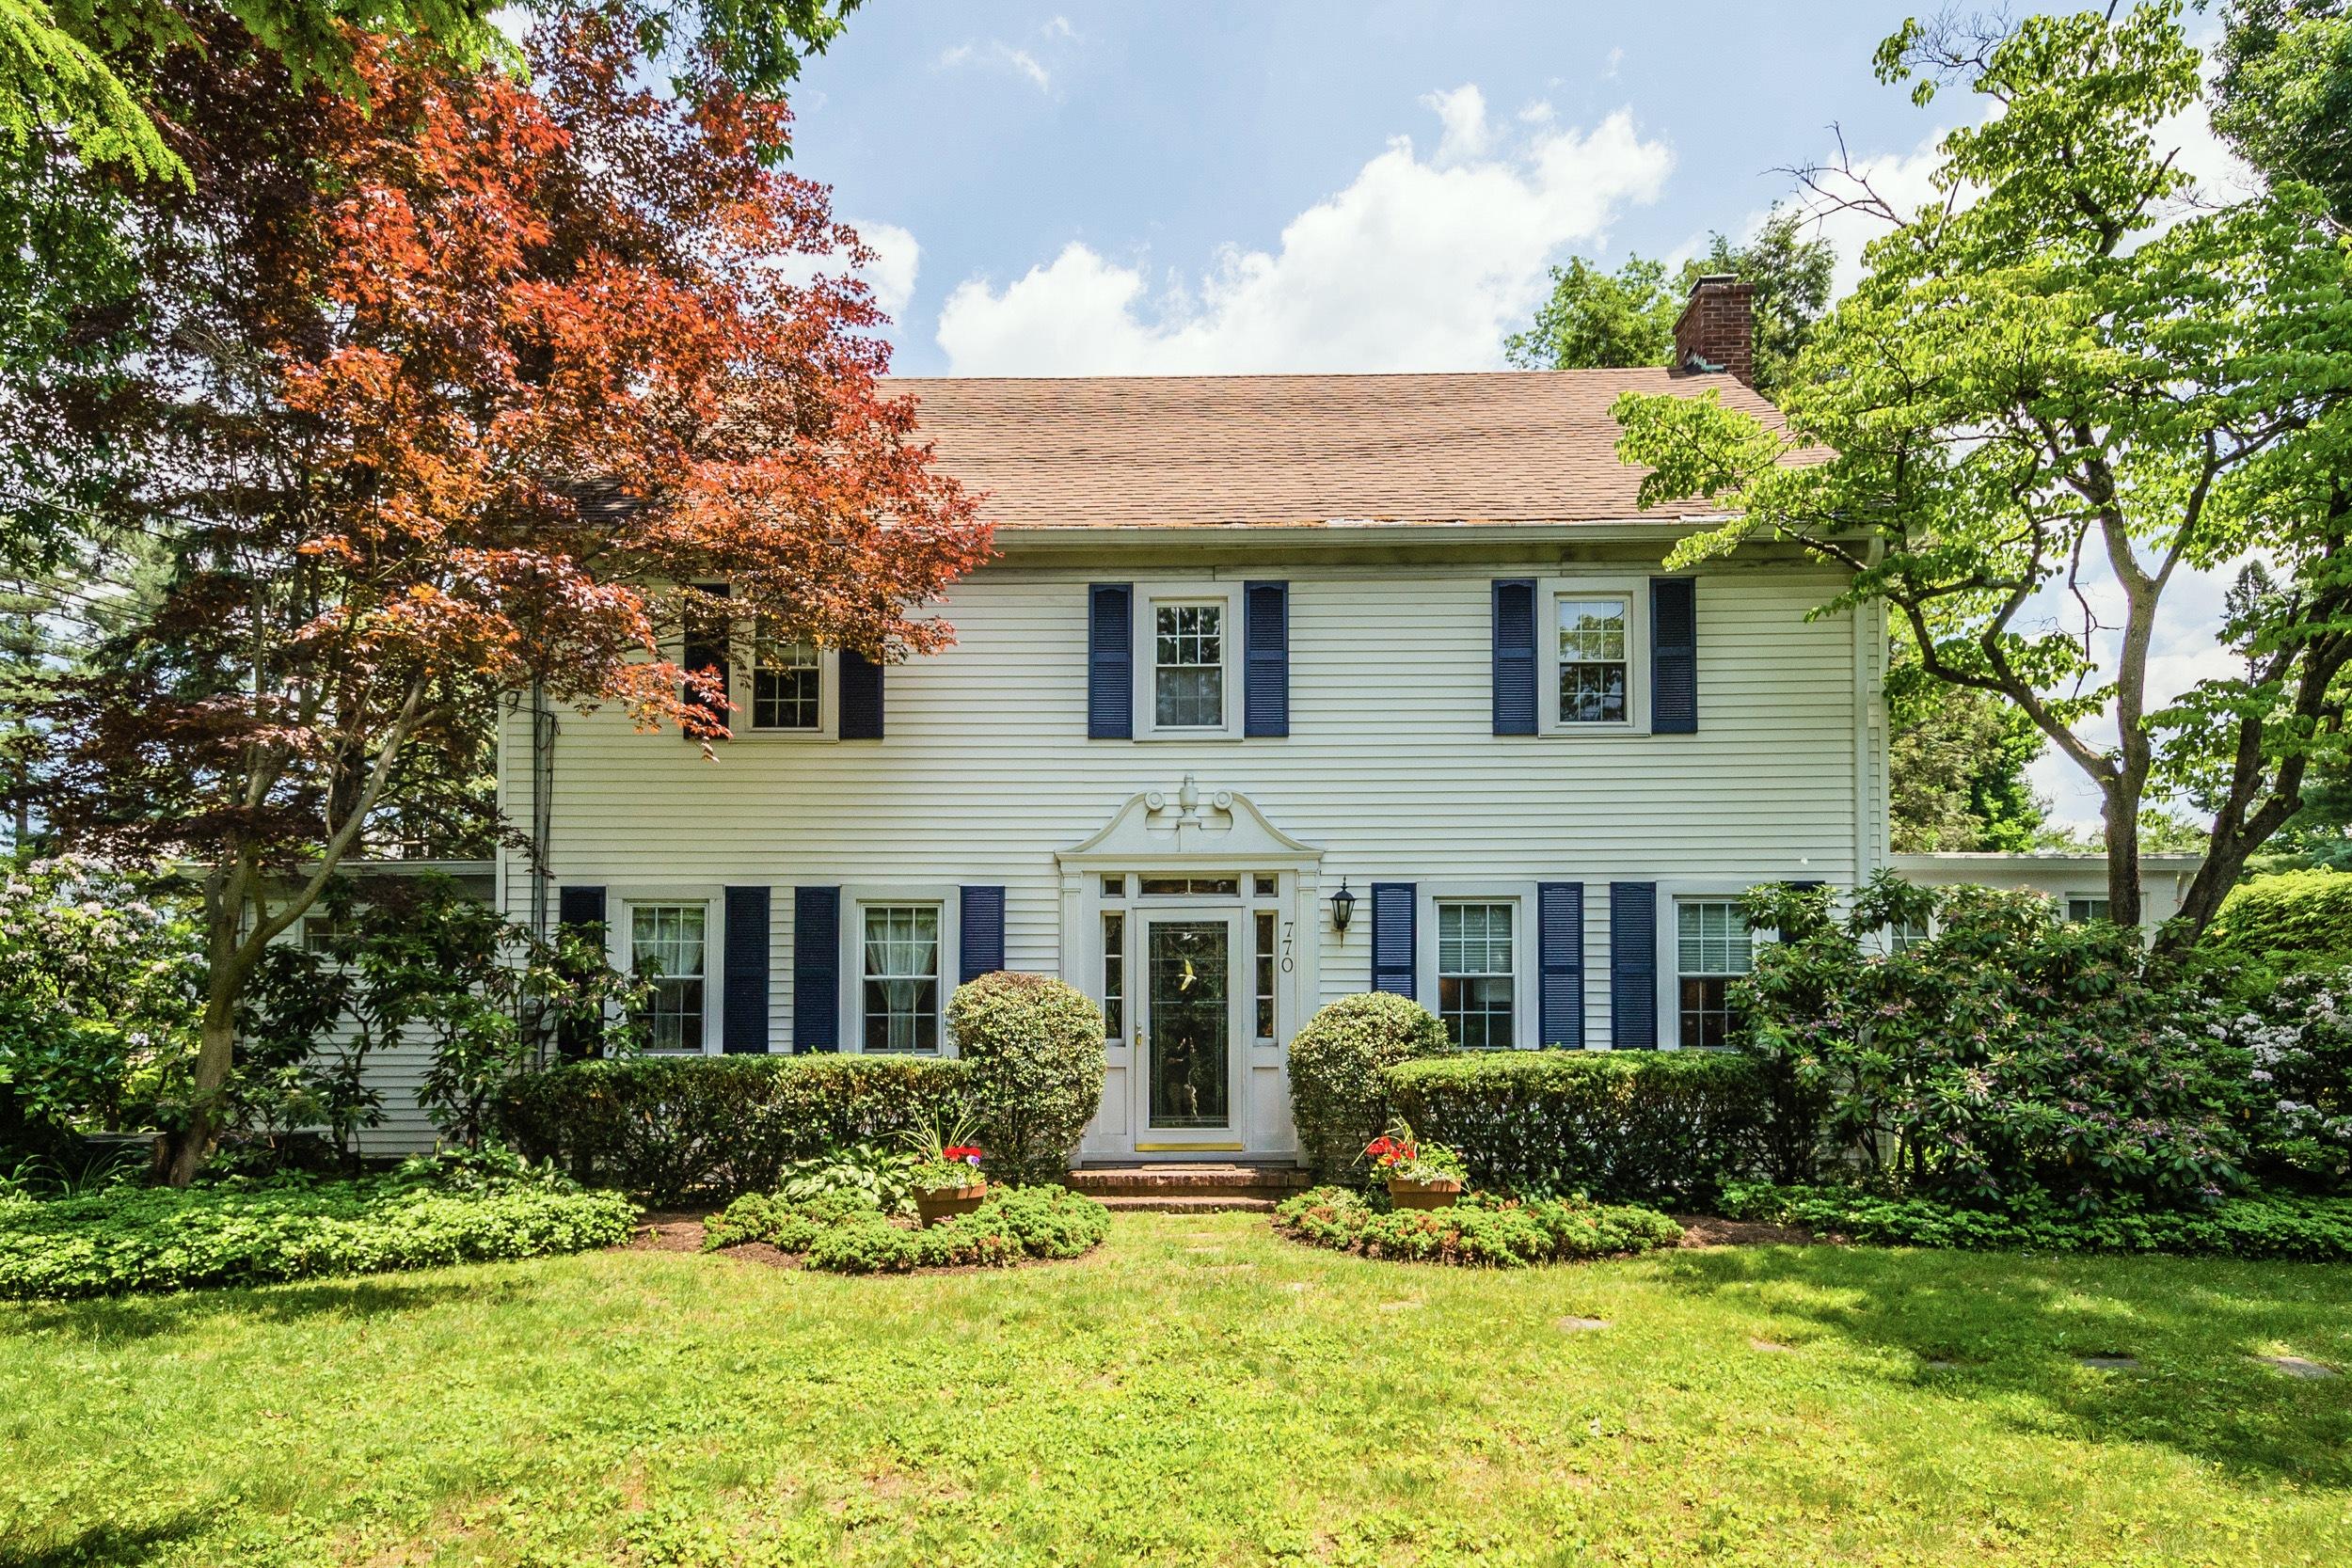 独户住宅 为 销售 在 Colonial 770 Glen Cove Ave Ave 格伦黑德, 纽约州 11545 美国